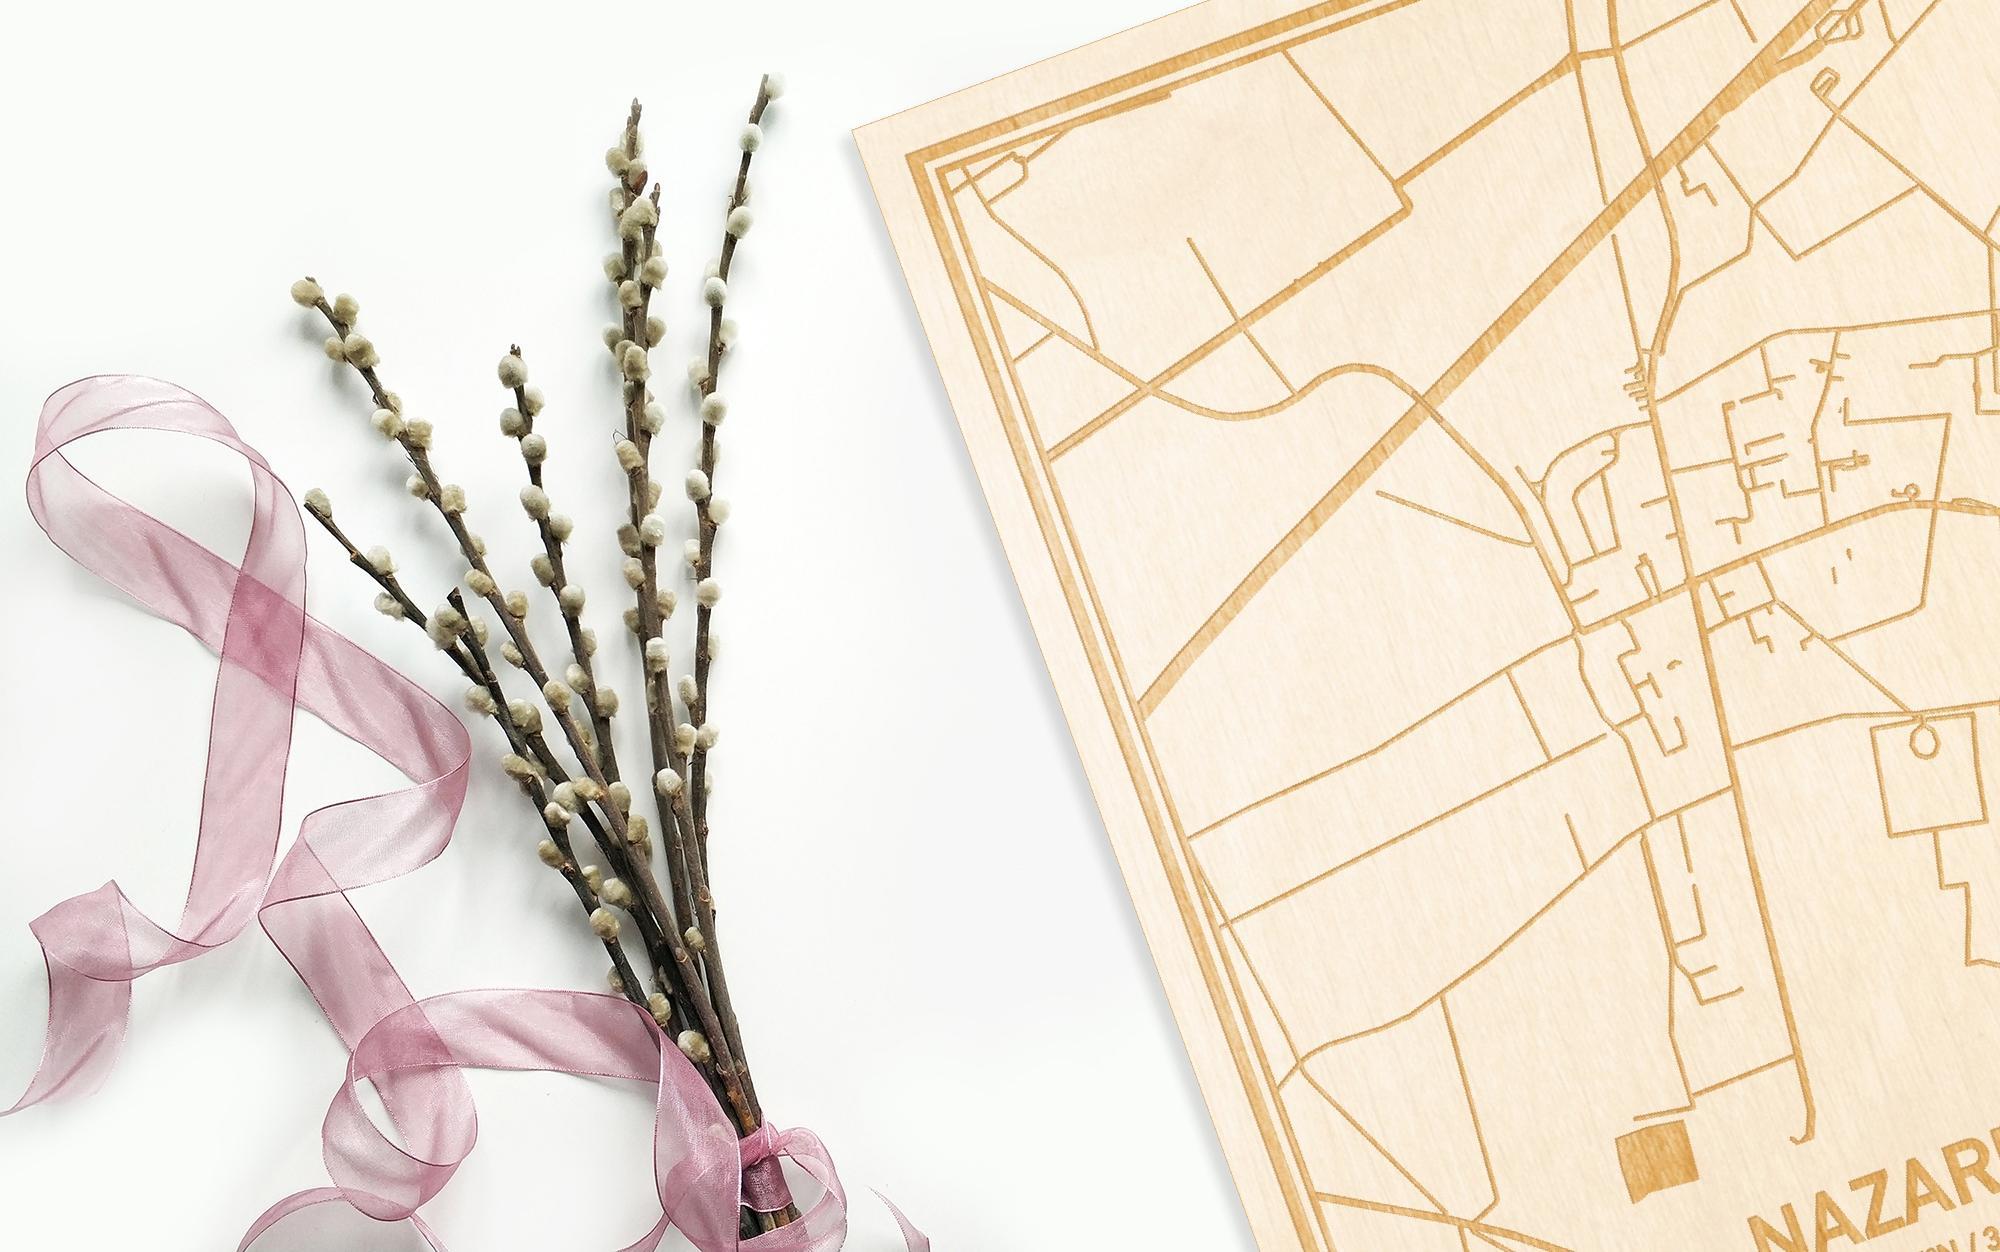 Hier ligt de houten plattegrond Nazareth naast een bloemetje als gepersonaliseerd cadeau voor haar.